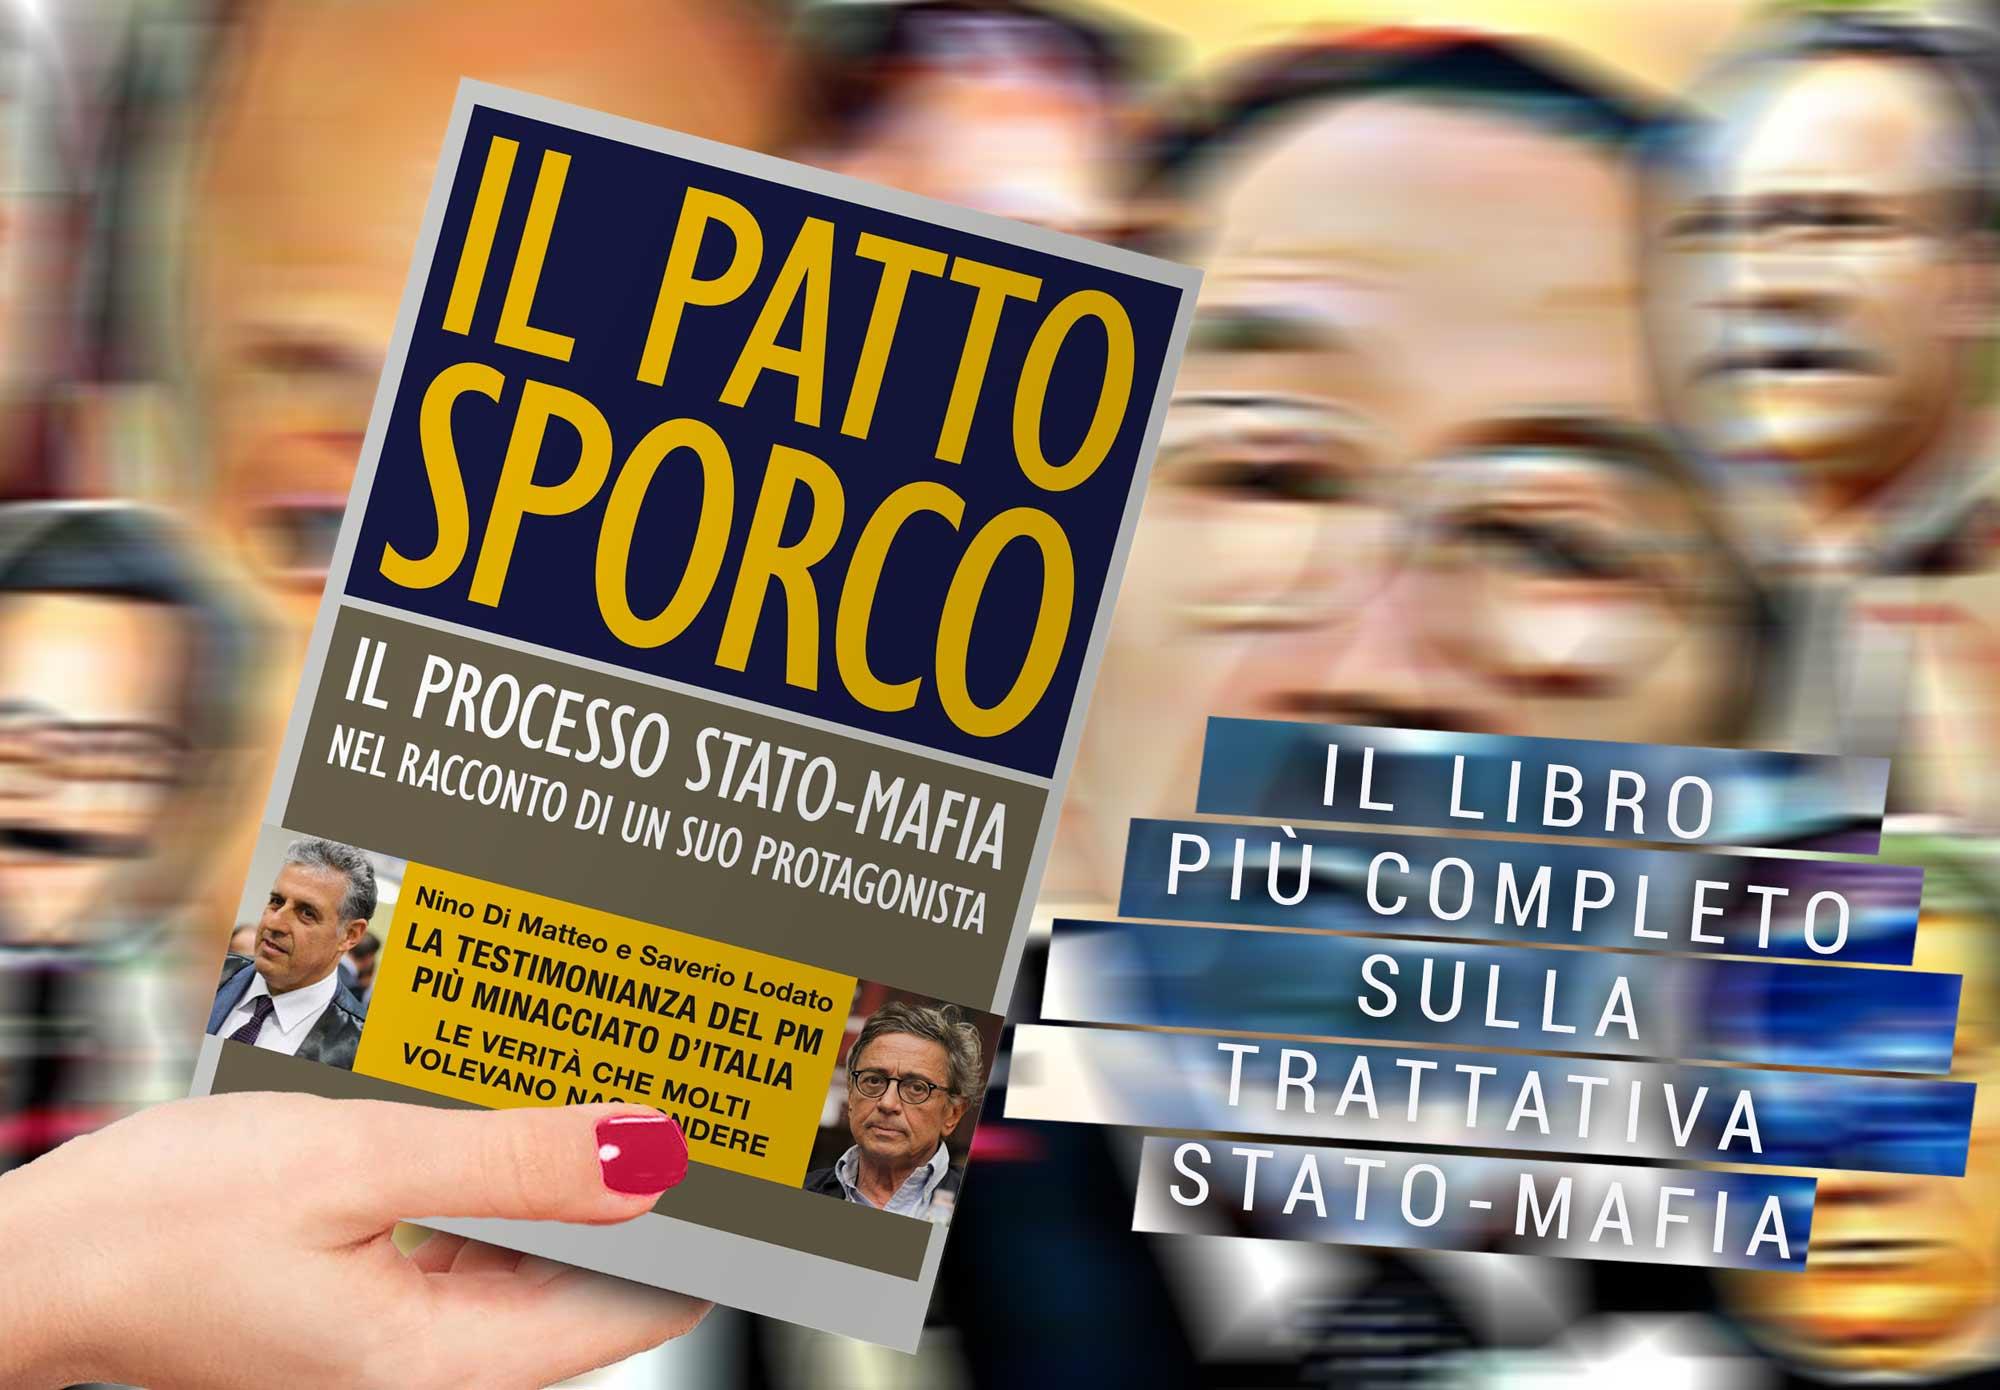 libro-trattativa-stato-mafia